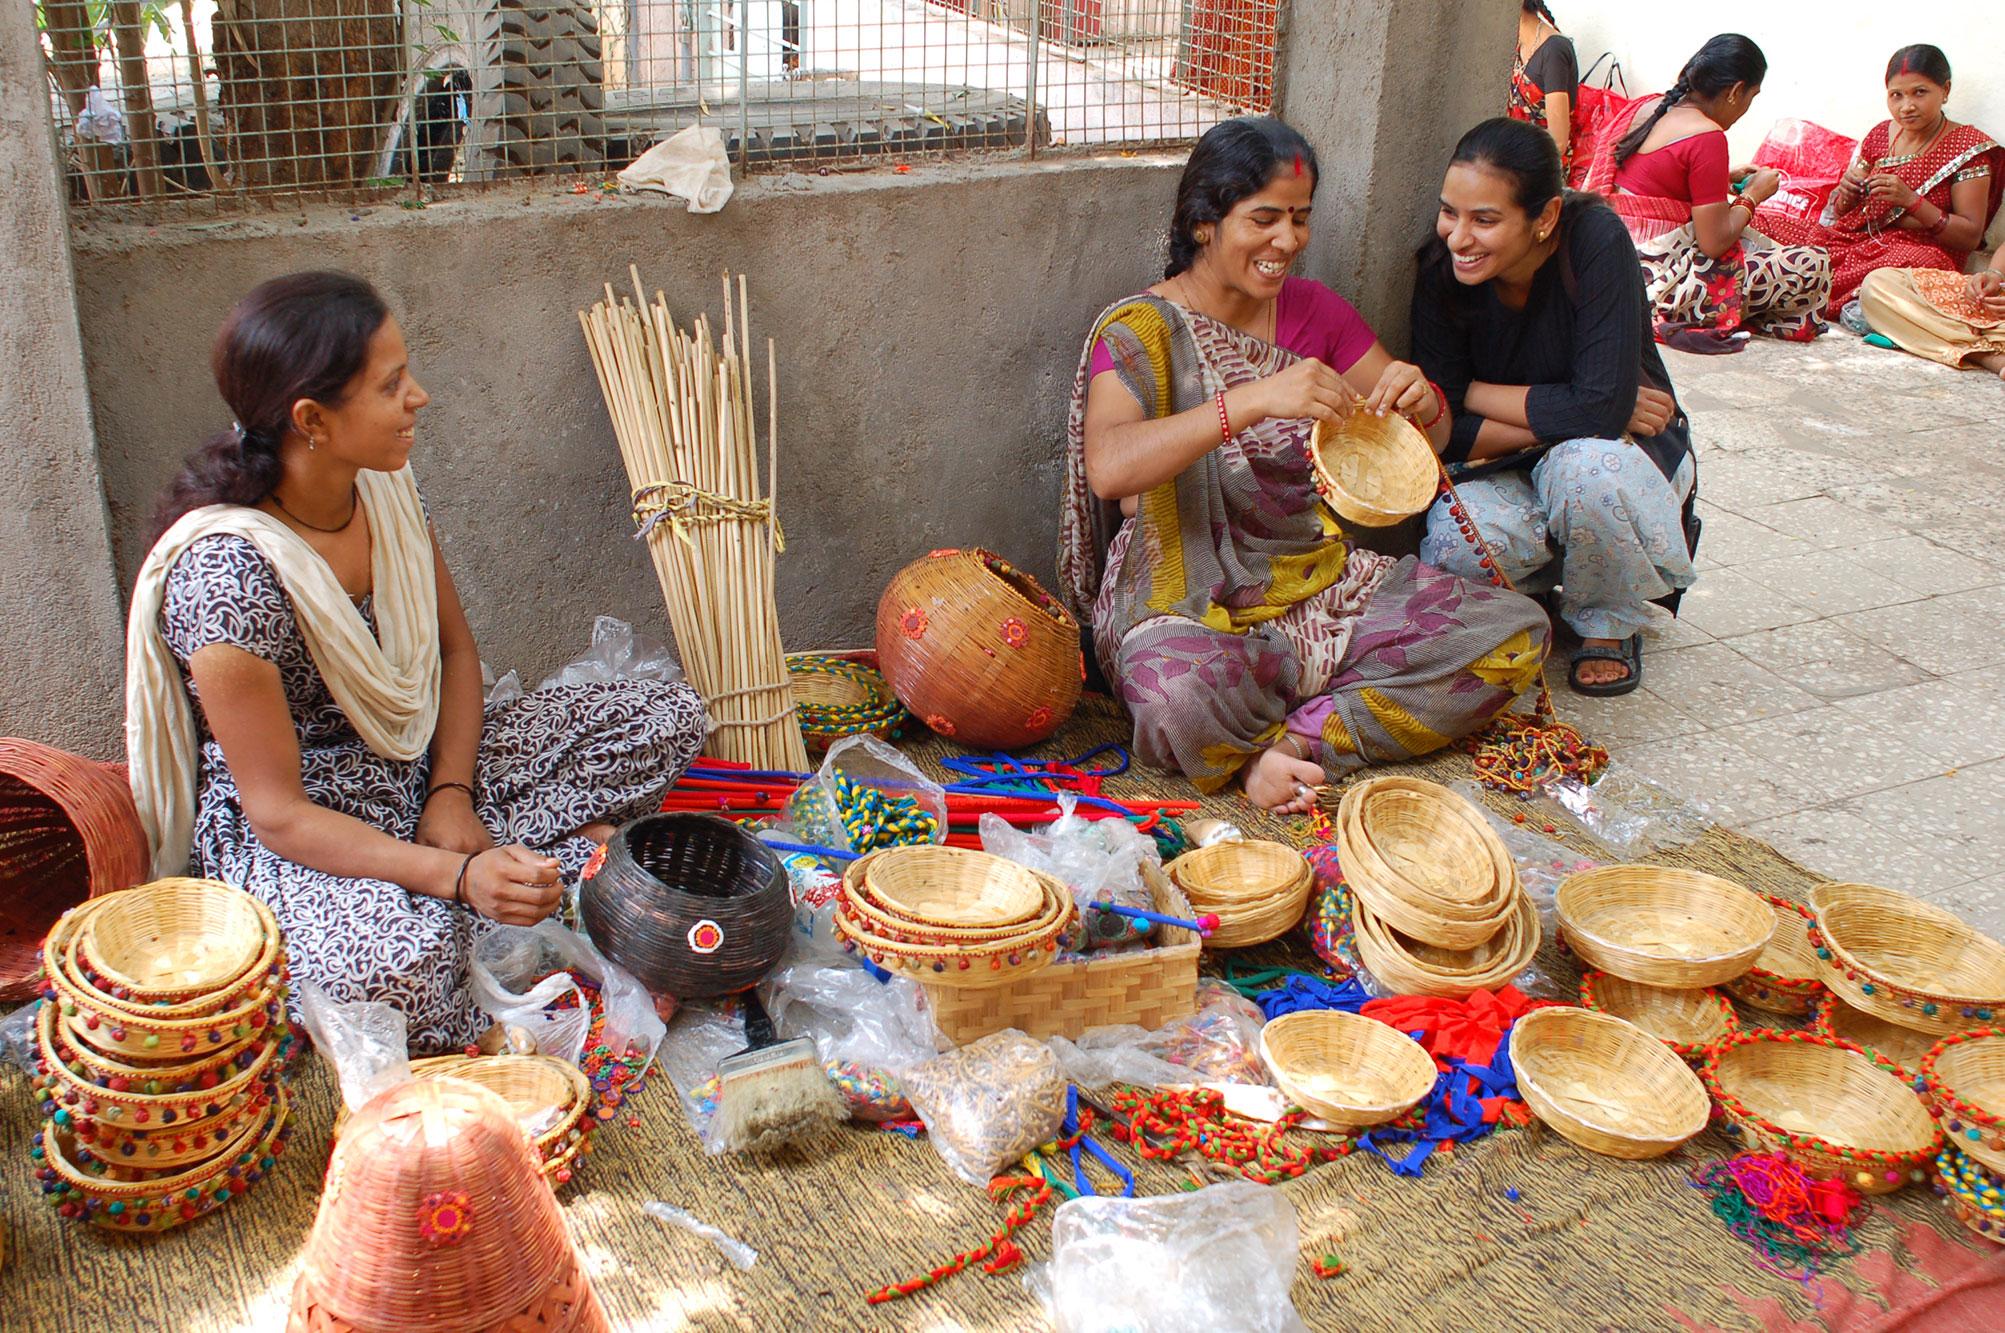 نکات پیش از سفر به هند